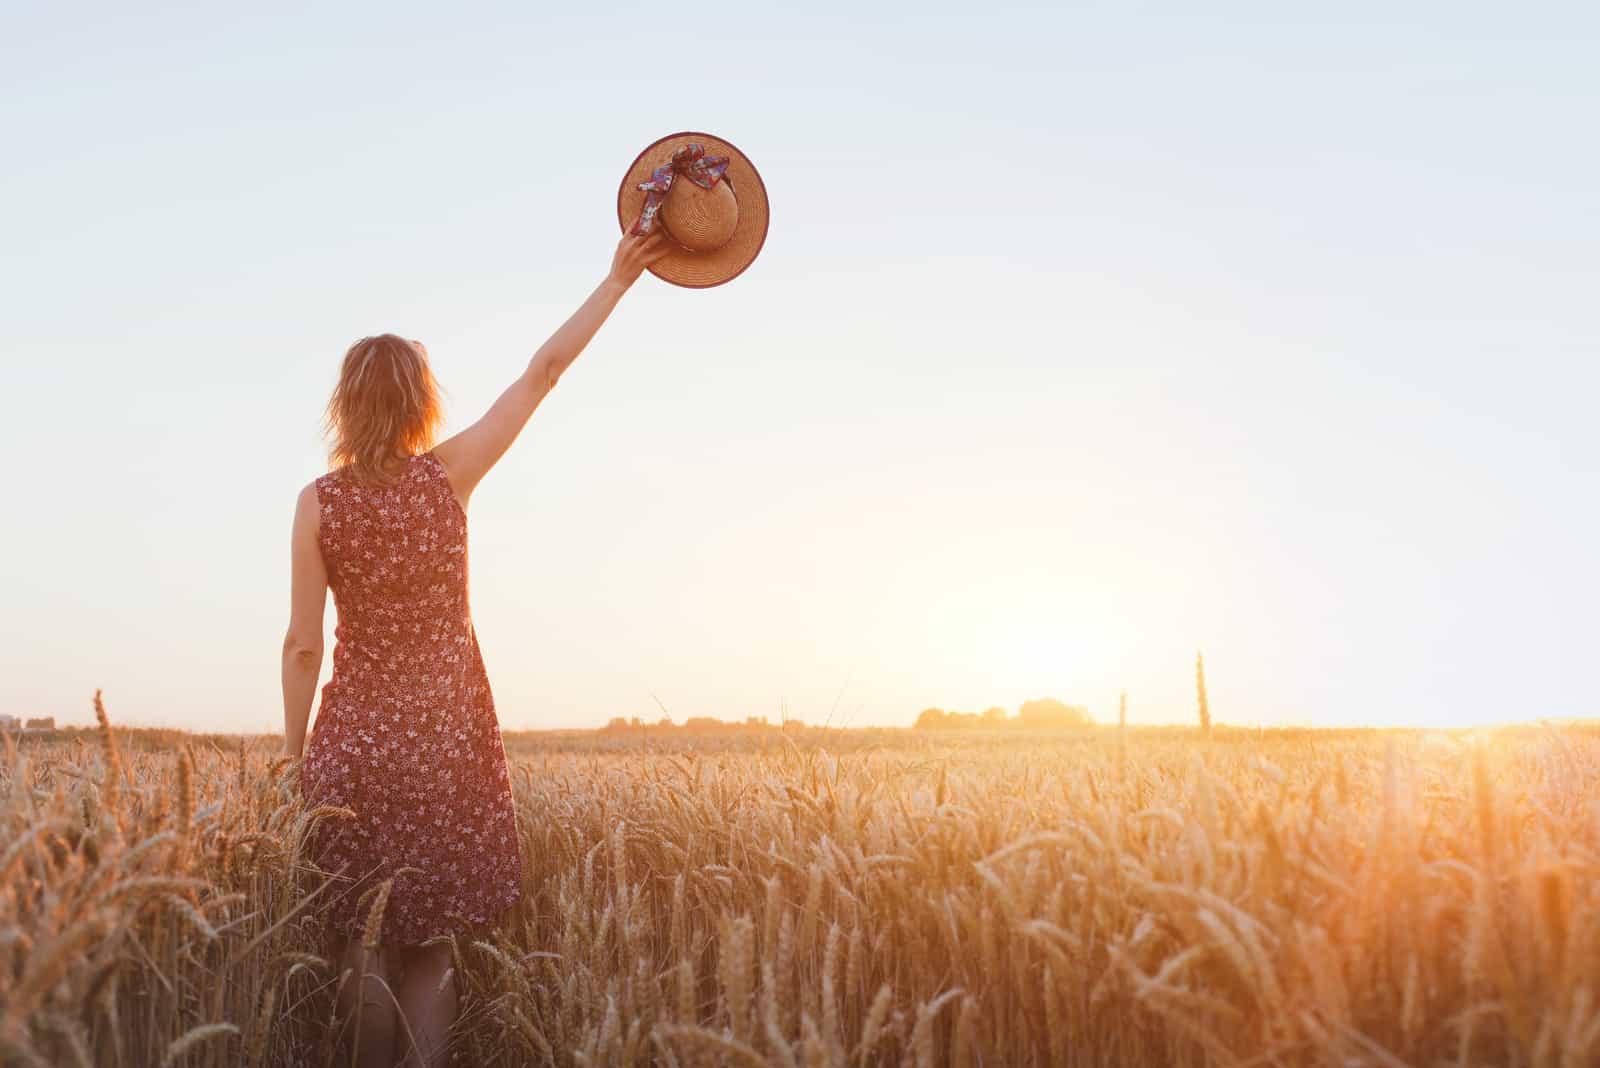 Vergangenheit loslassen: In 6 kleinen Schritten zur absoluten Freiheit